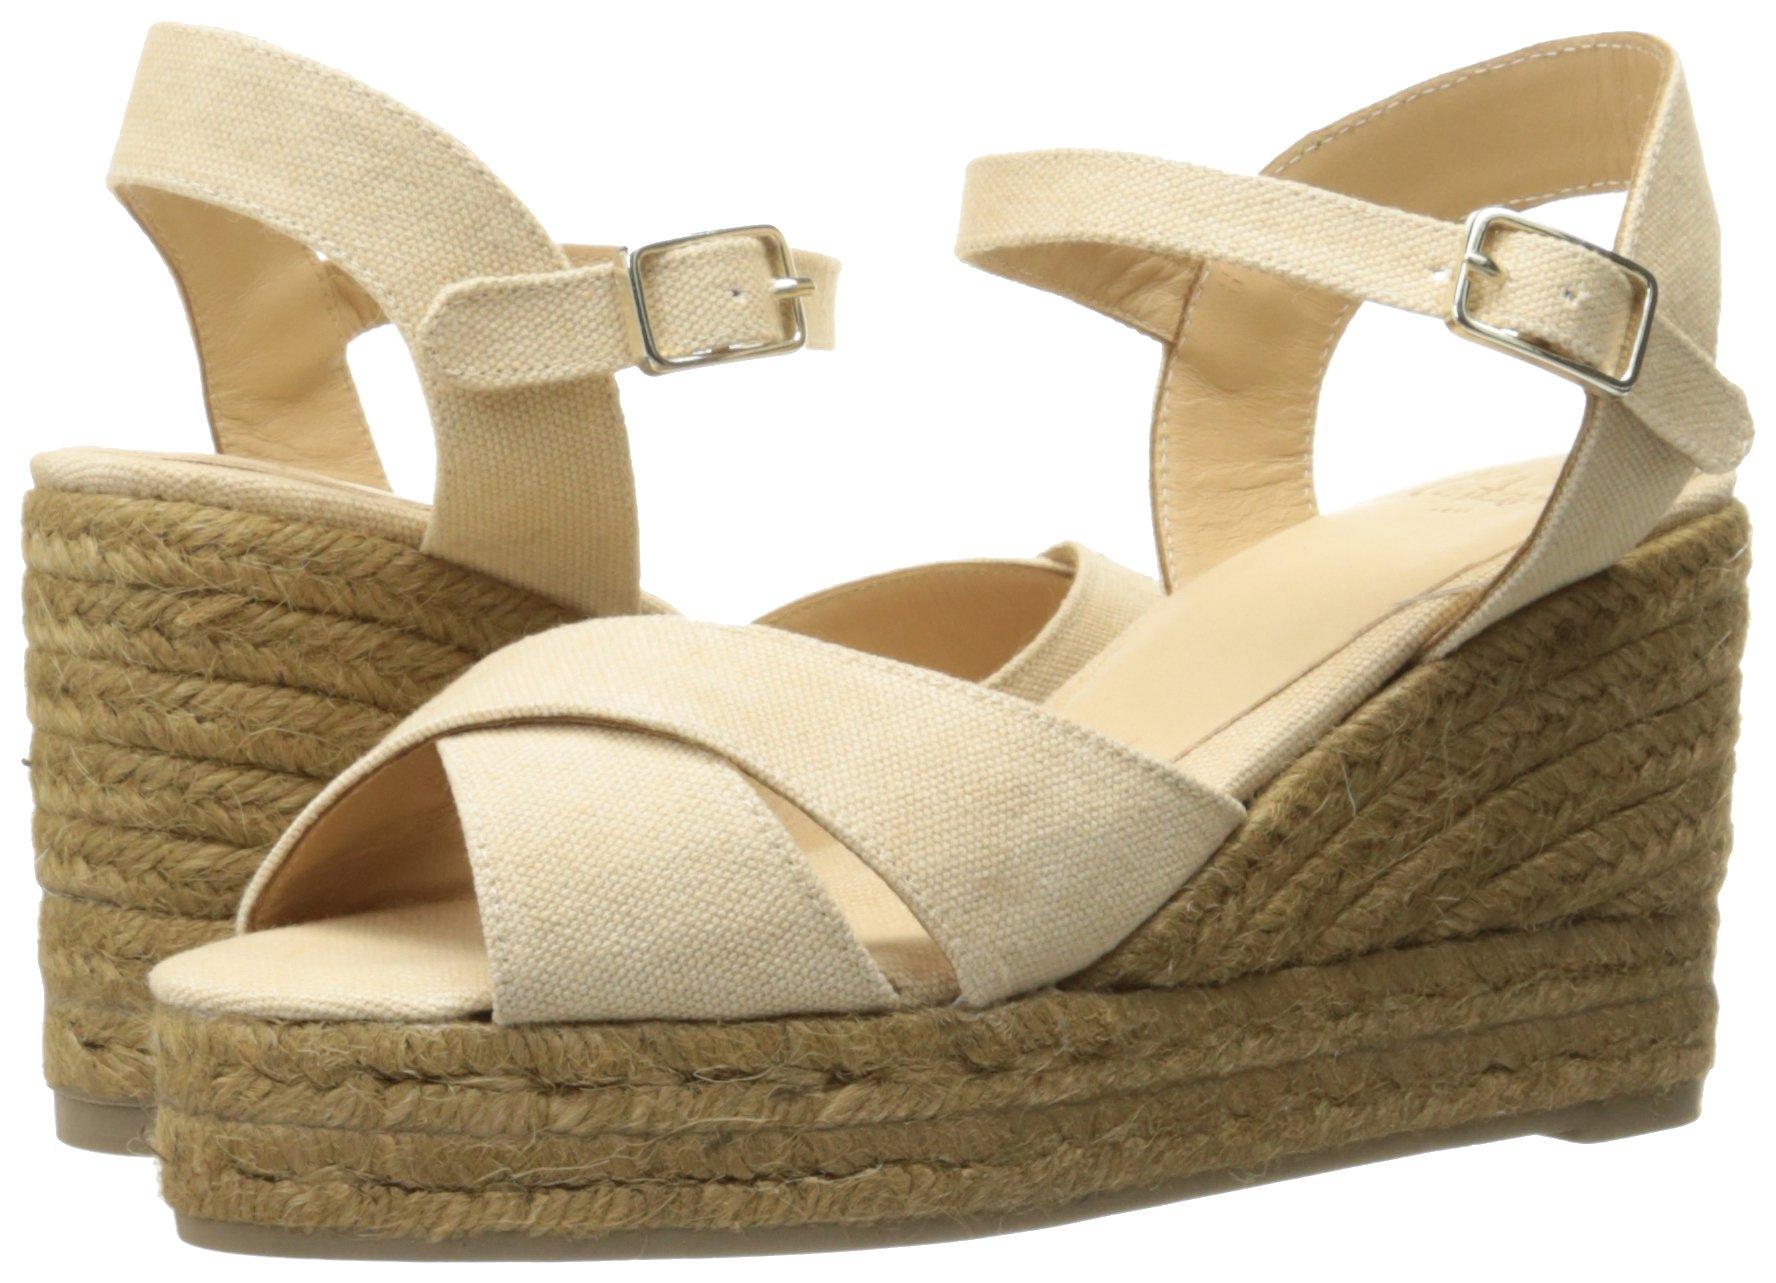 Castaner Women's Blaudell Platform Sandal, Nude (Beige), 37 EU/6.5 N US by Castaner (Image #6)